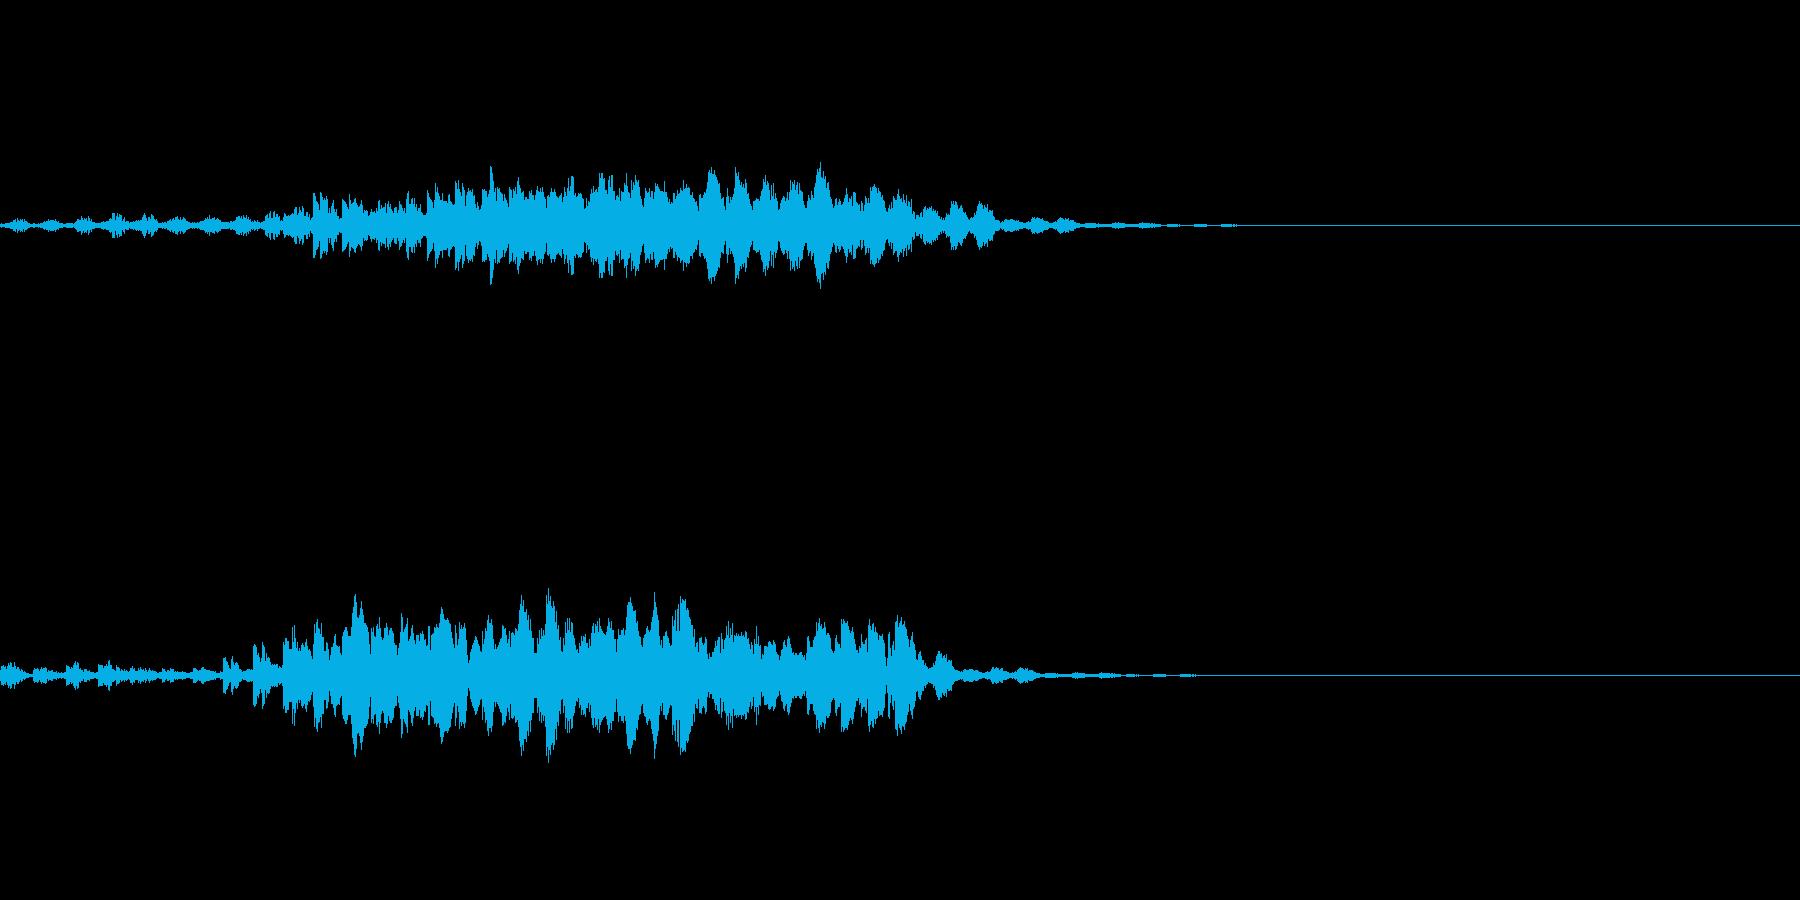 瞬間移動/回想シーン/タイムワープ Bの再生済みの波形